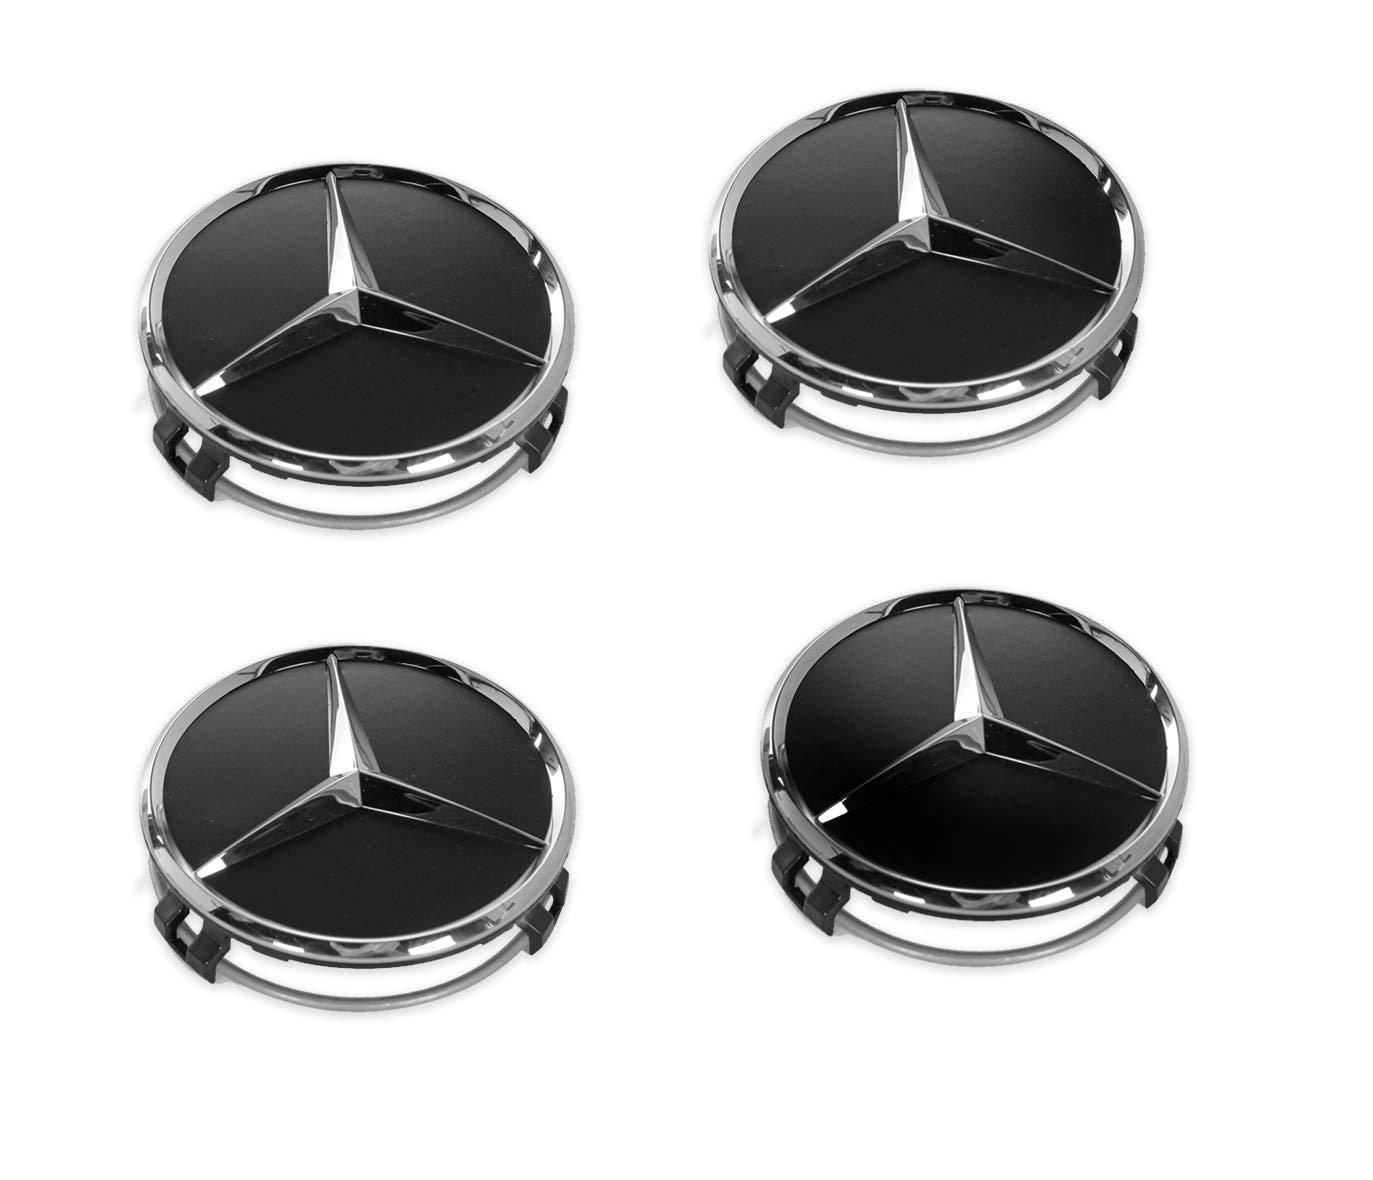 4 tapacubos para ruedas de Mercedes Benz, 75 mm, negros, de reemplazo, 66470200: Amazon.es: Coche y moto